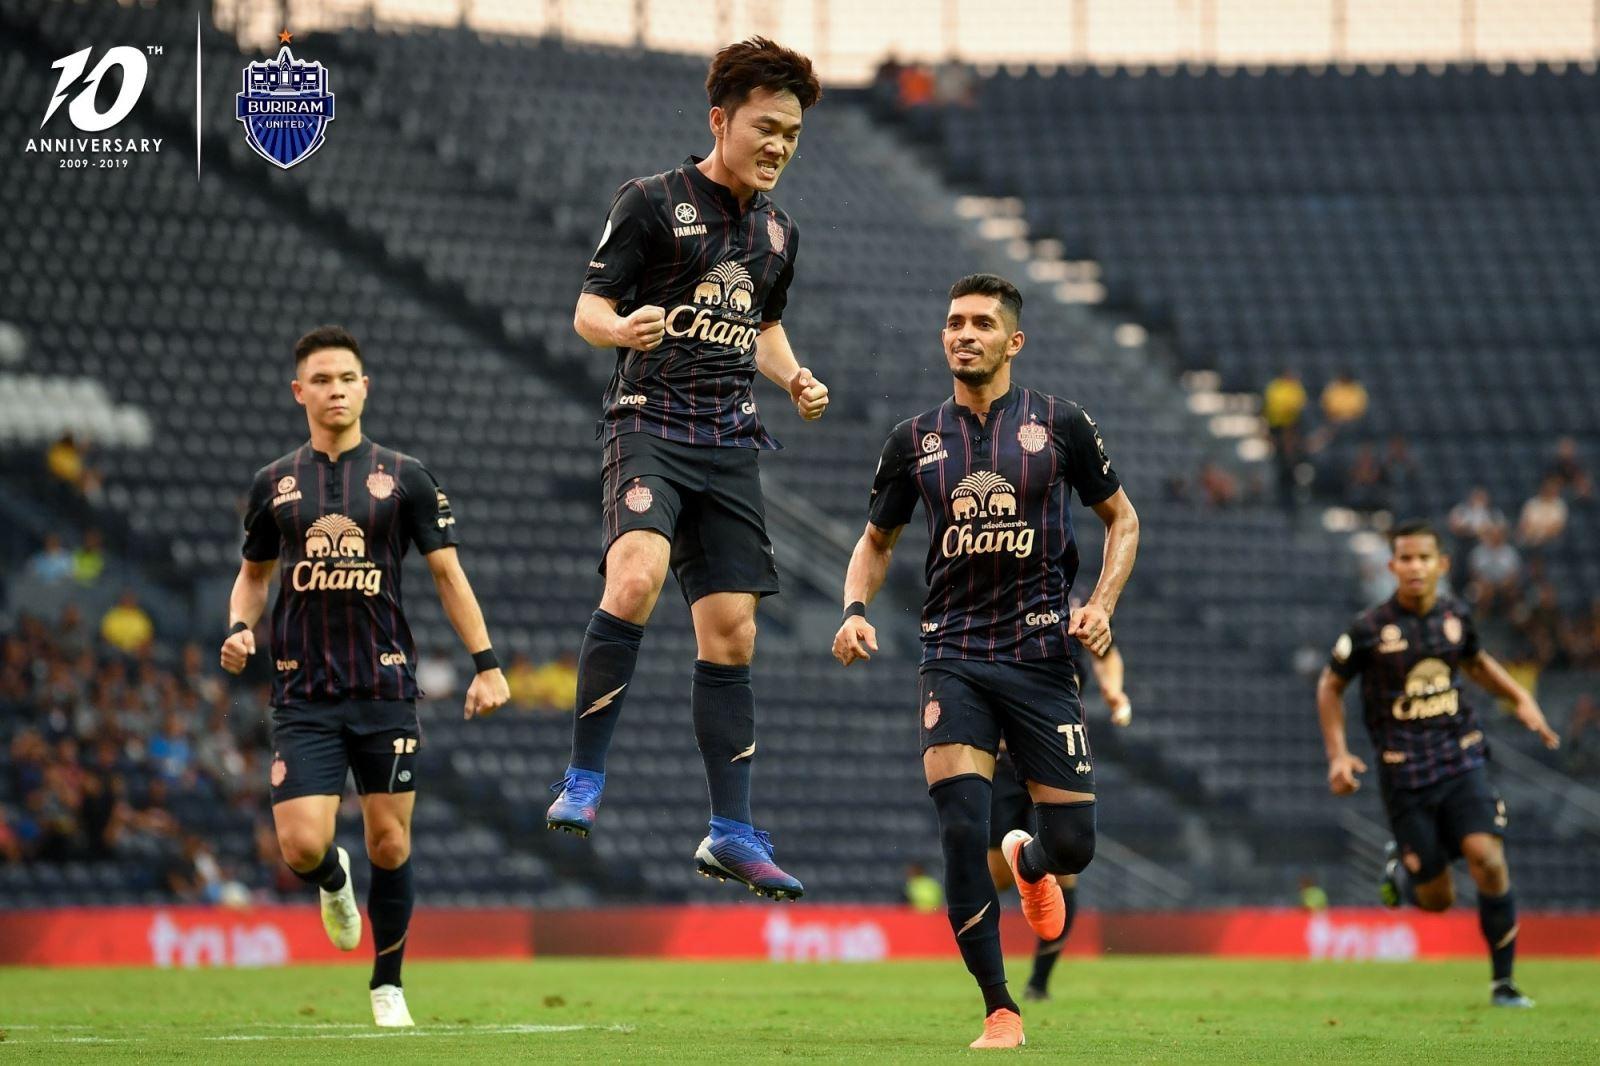 Xuân Trường, Xuan Truong, Lương Xuan Truong, Thai League, Thái Lan, Buriram United, Nakhon